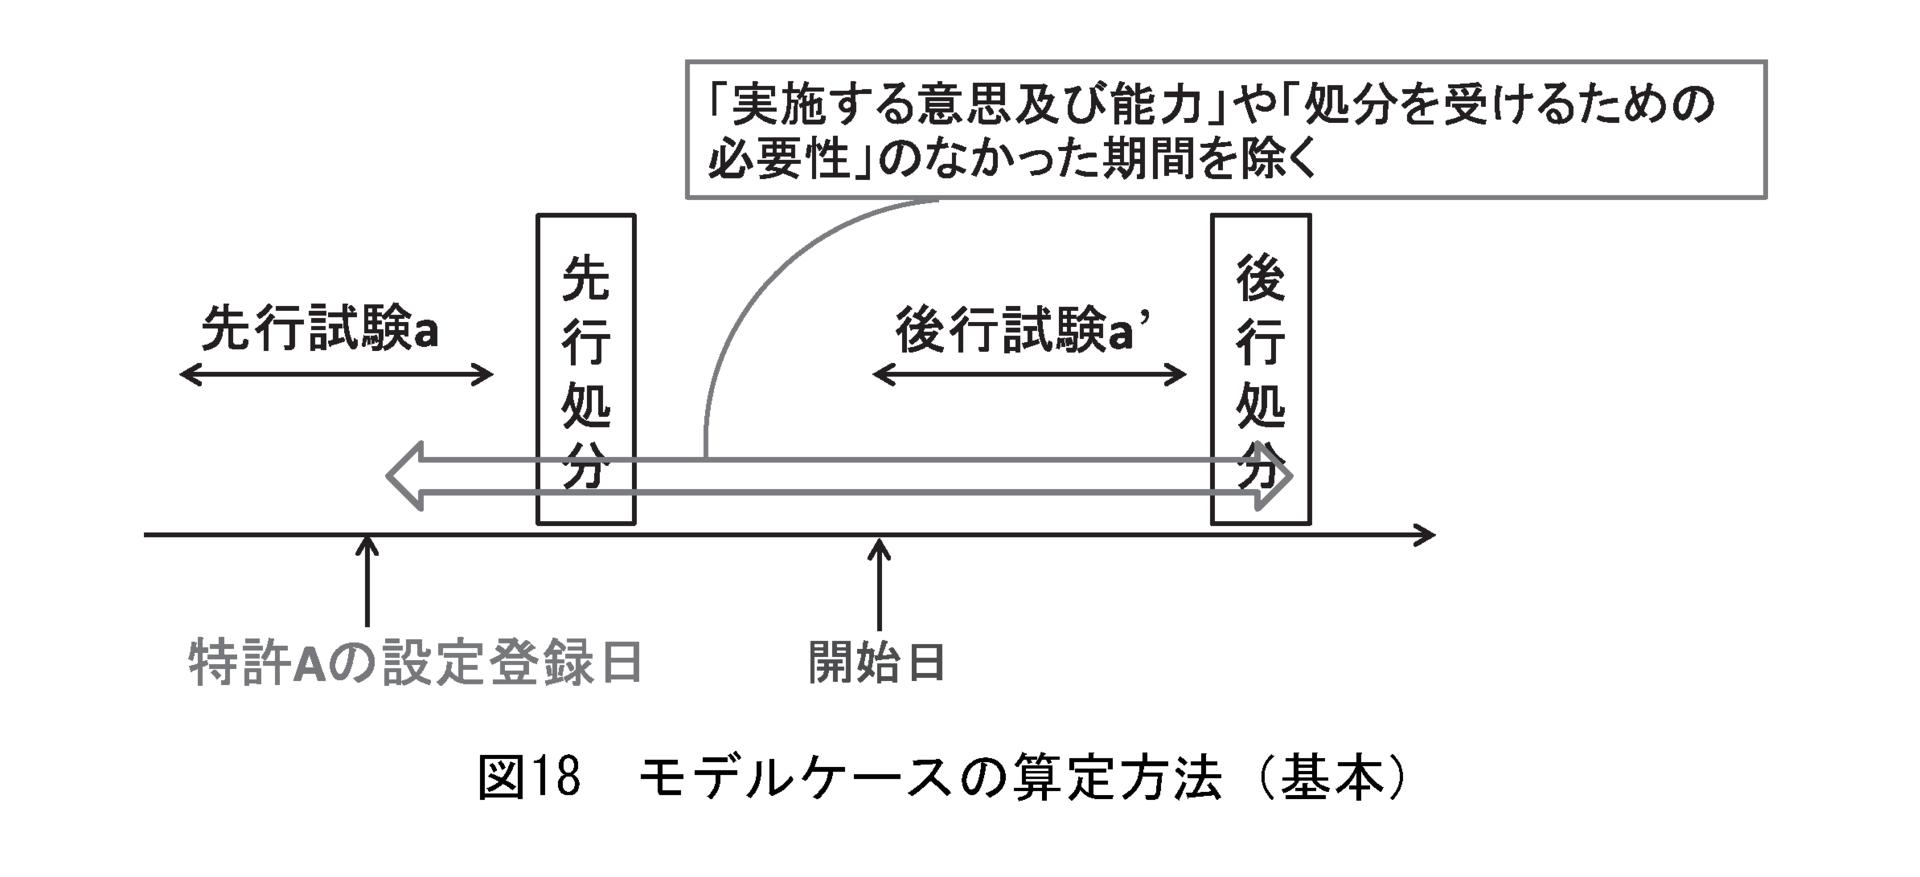 2020shimizu_fig18.png